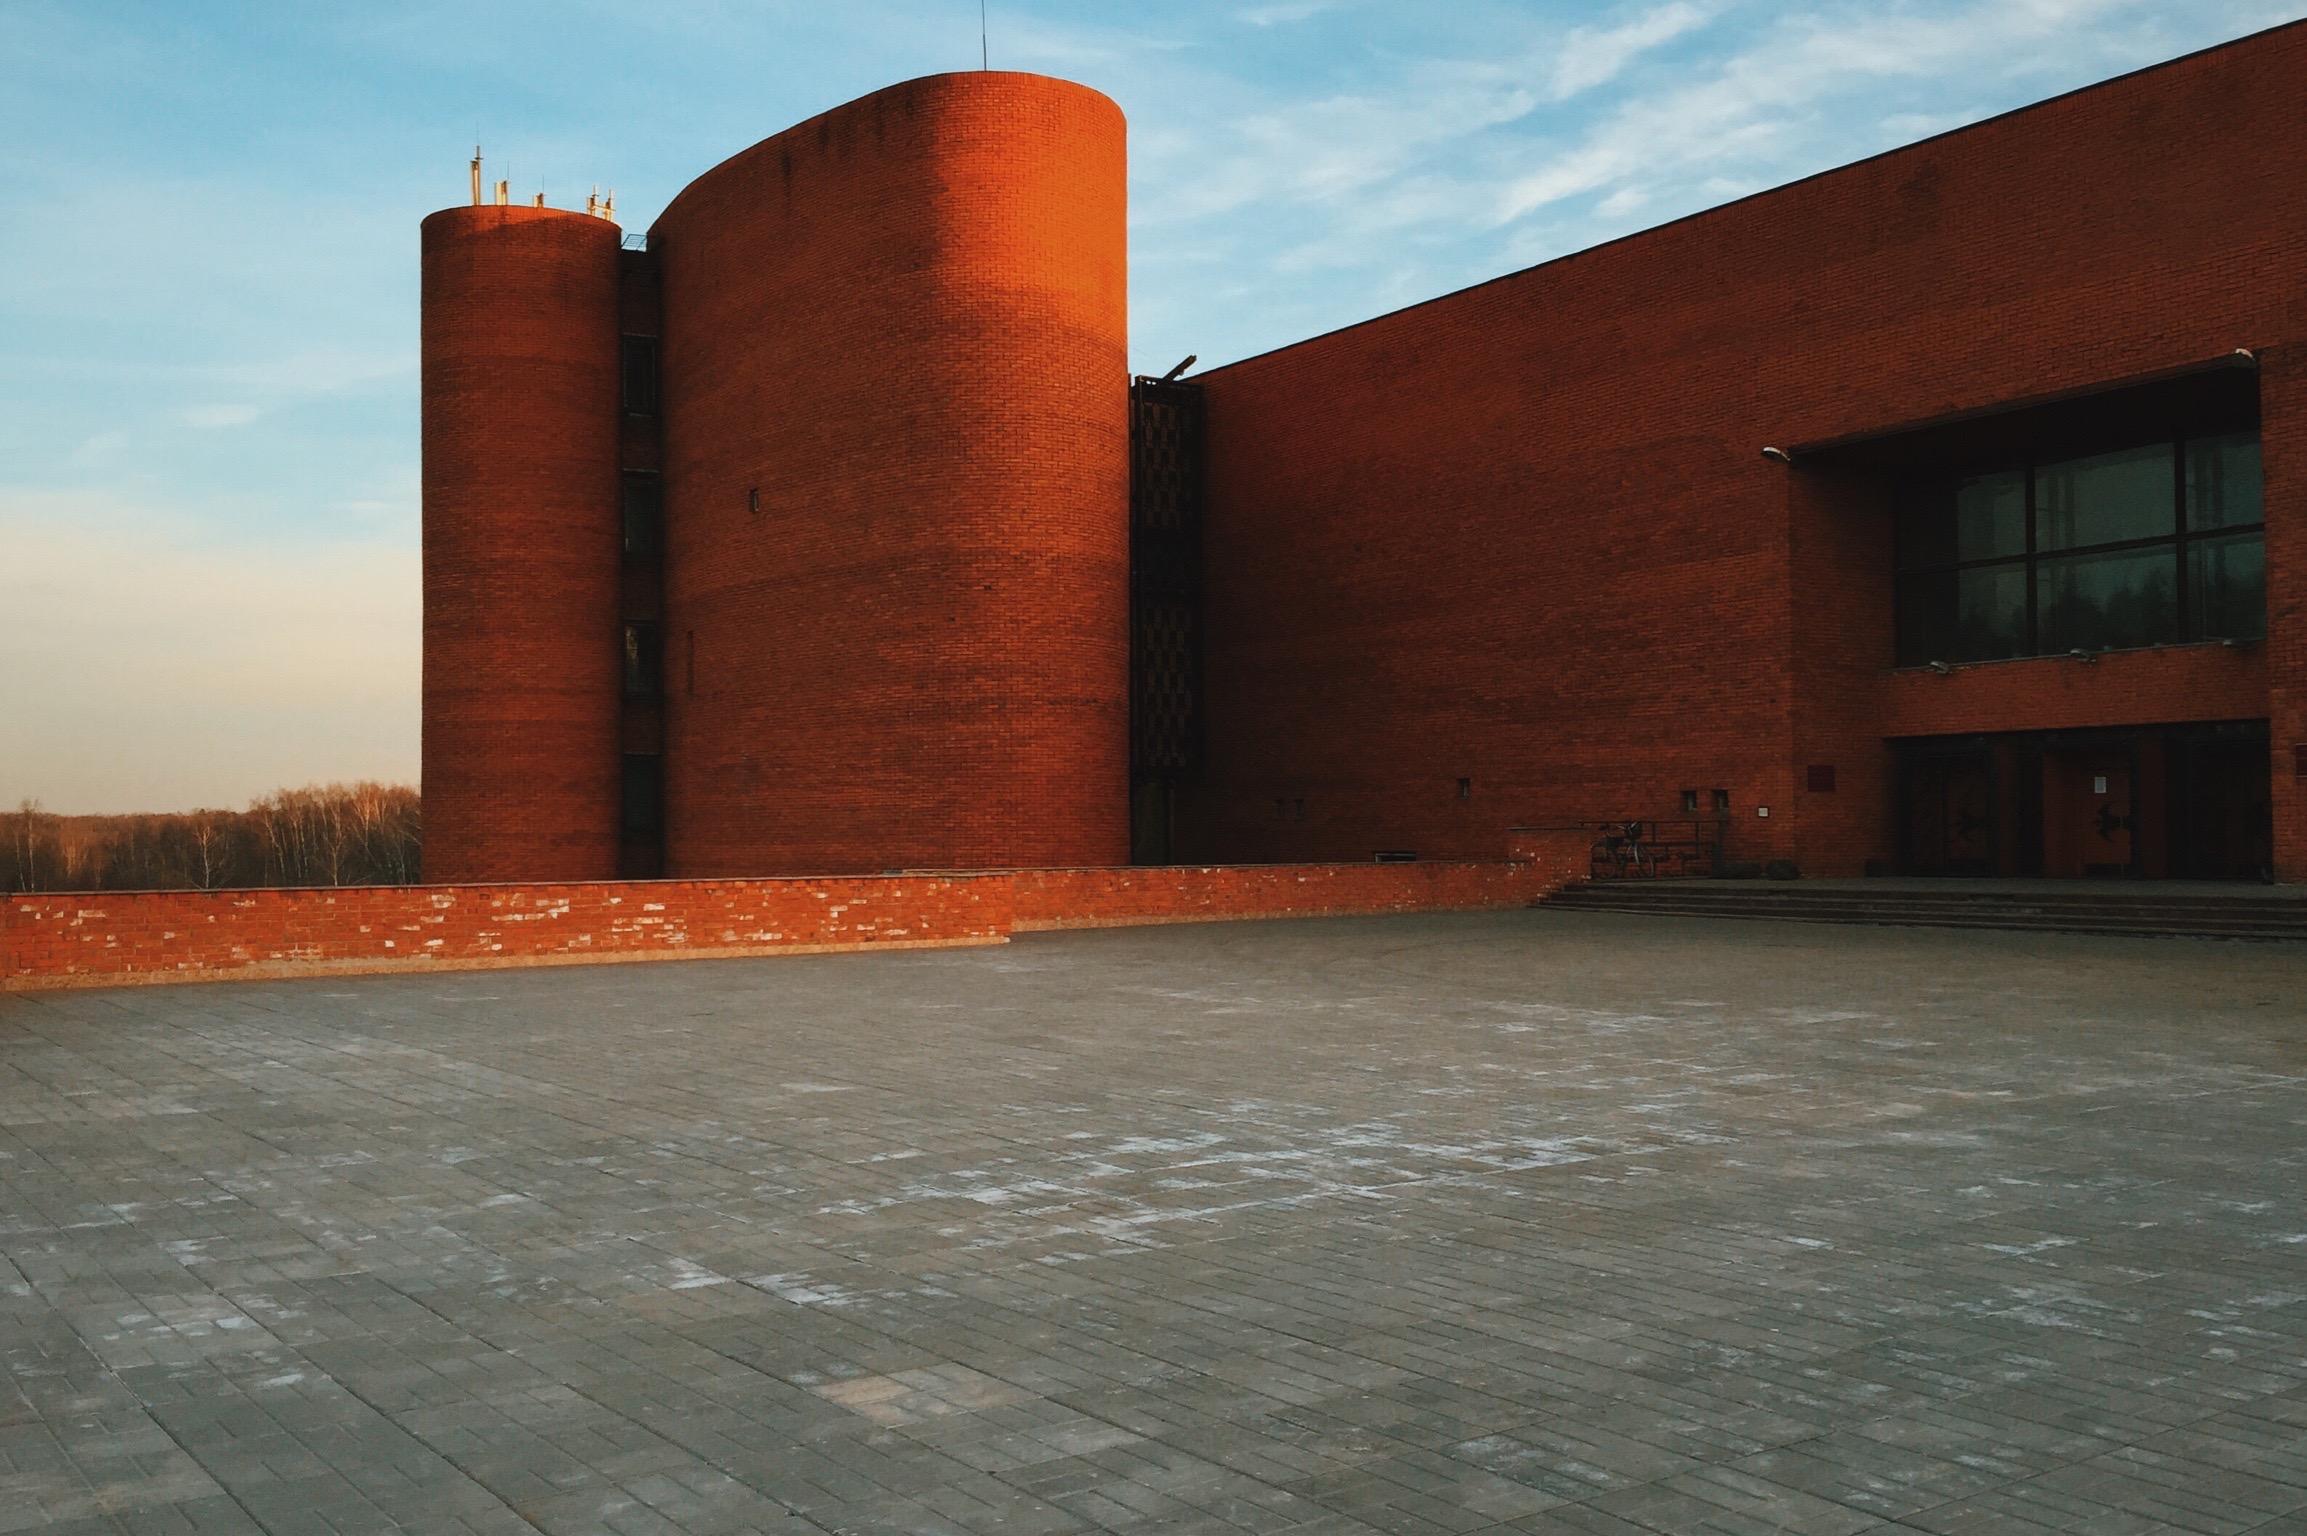 Палеонтологический музей Москвы является одним из самых главных исторических музеев города с богатейшими коллекциями